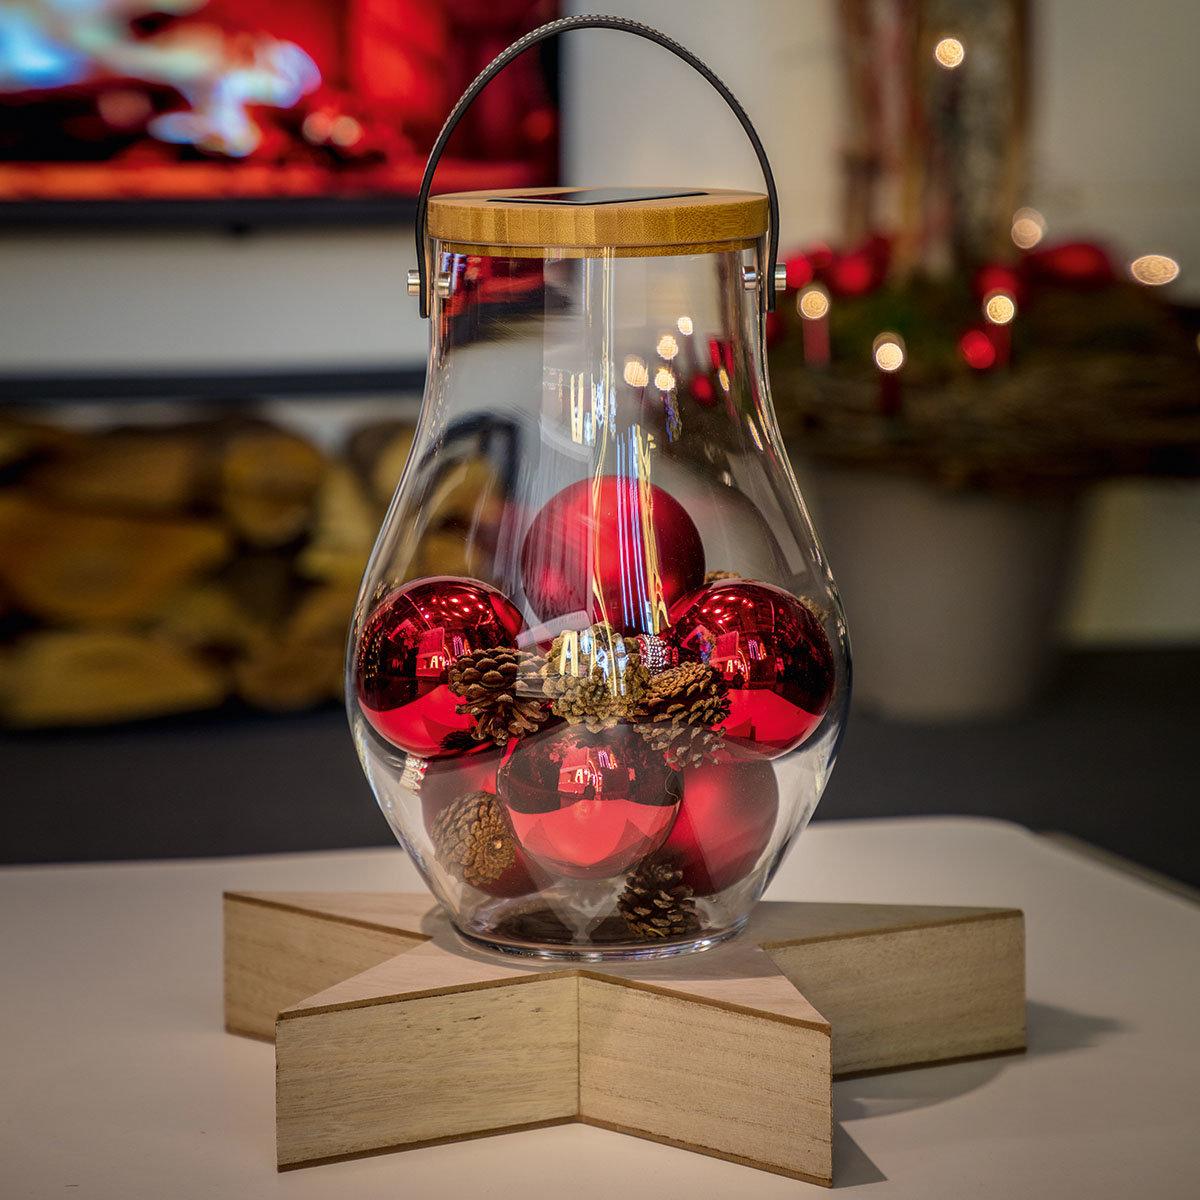 Deko Glas Bold, 31 cm, Glas, Bambus, klar | #5